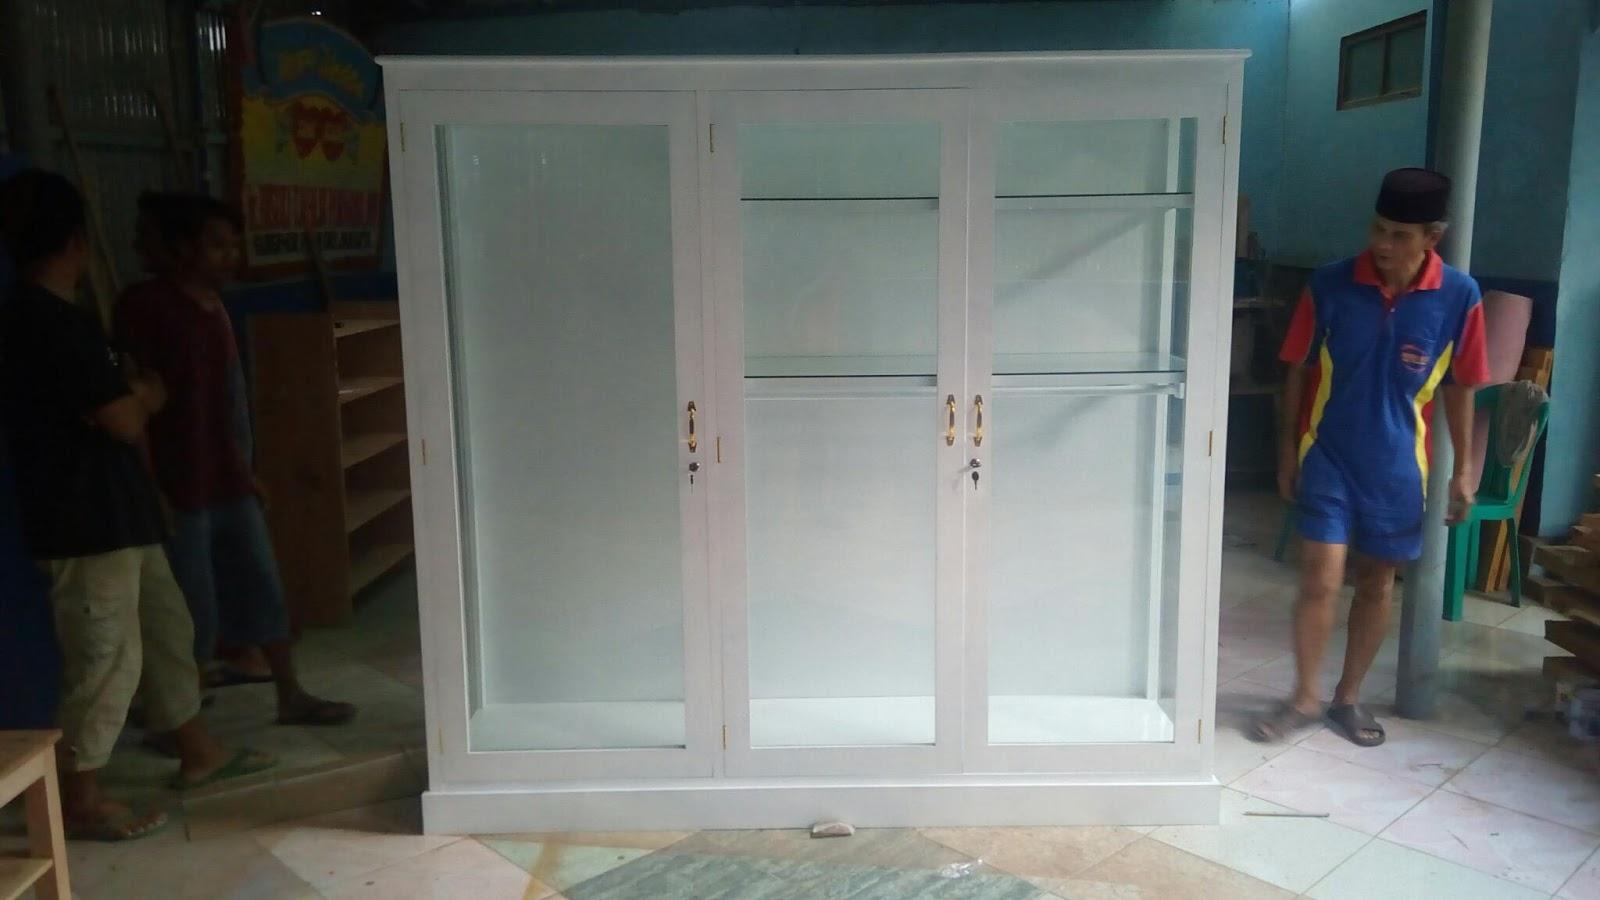 jalan furniture. Info Pemesanan WA 081228342956 Atau Datang Langsung K Workshop Kami Di BPJ Furniture Jalan Puring - Suwuk , Kebumen